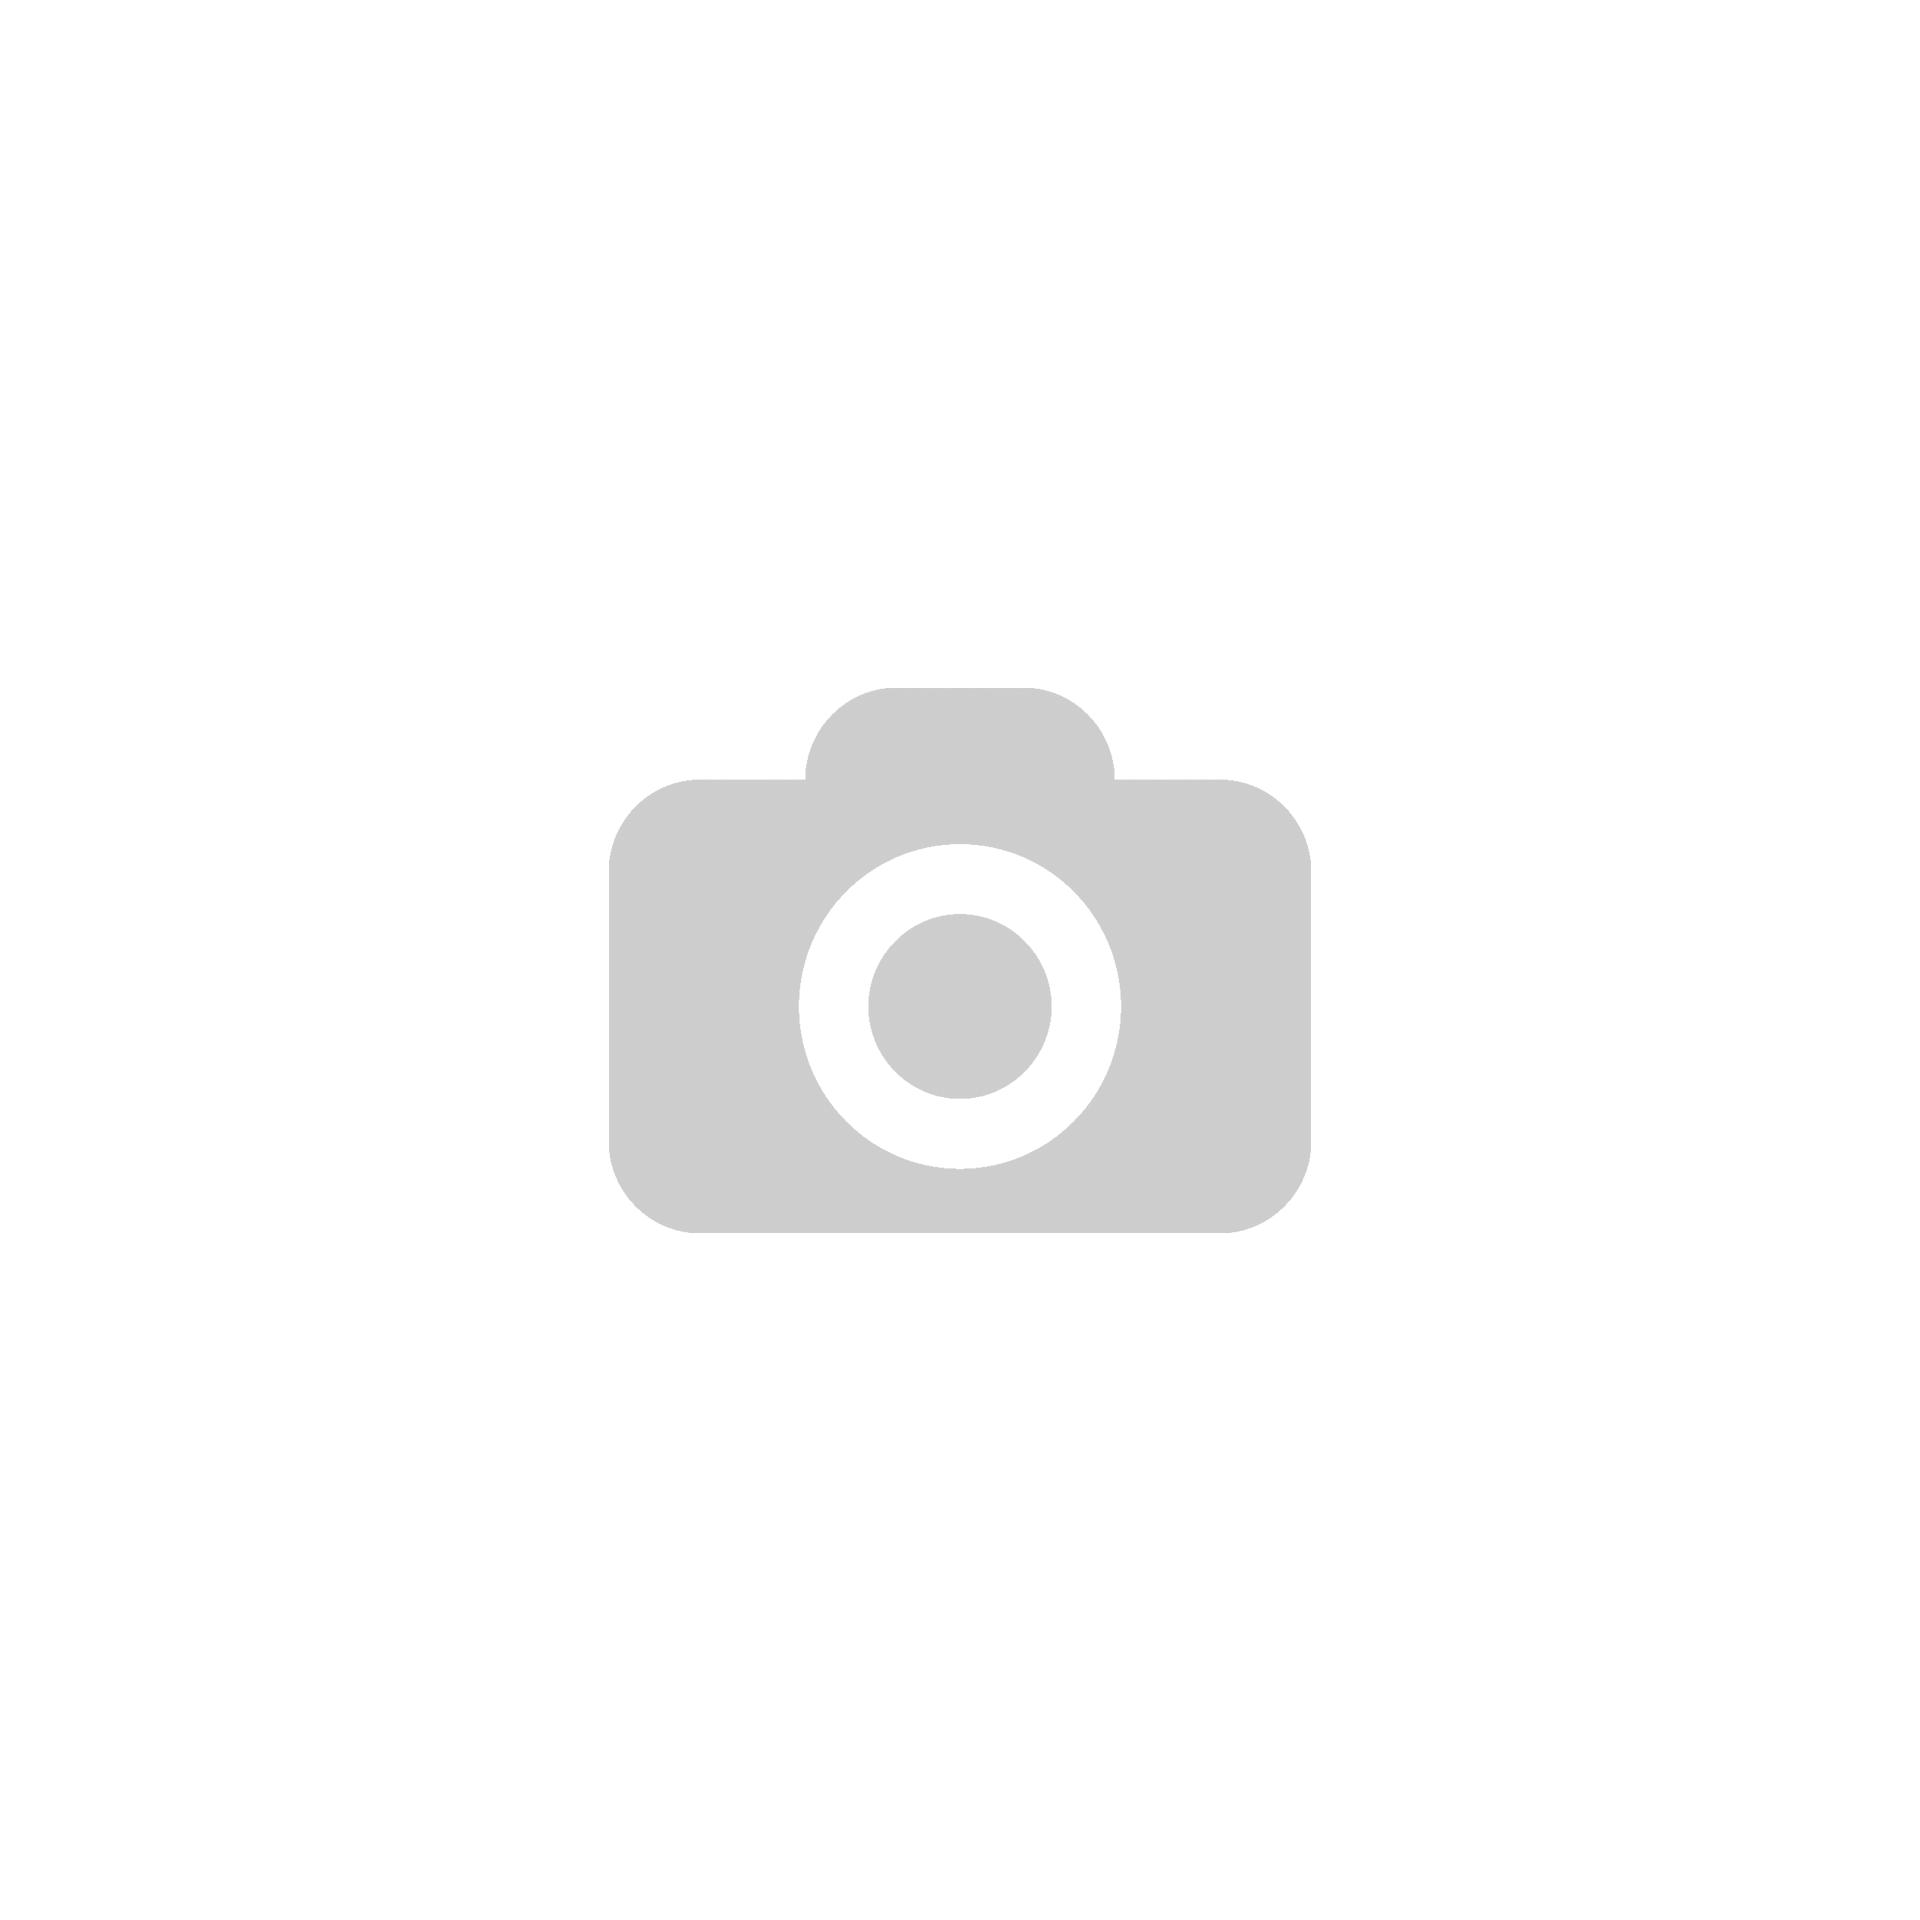 Flex GSE 5 R kompakt rövidszárú padló- és falmegmunkáló Okapi® csapott élszegmensű fejjel, hordtáskában, elszívócsővel